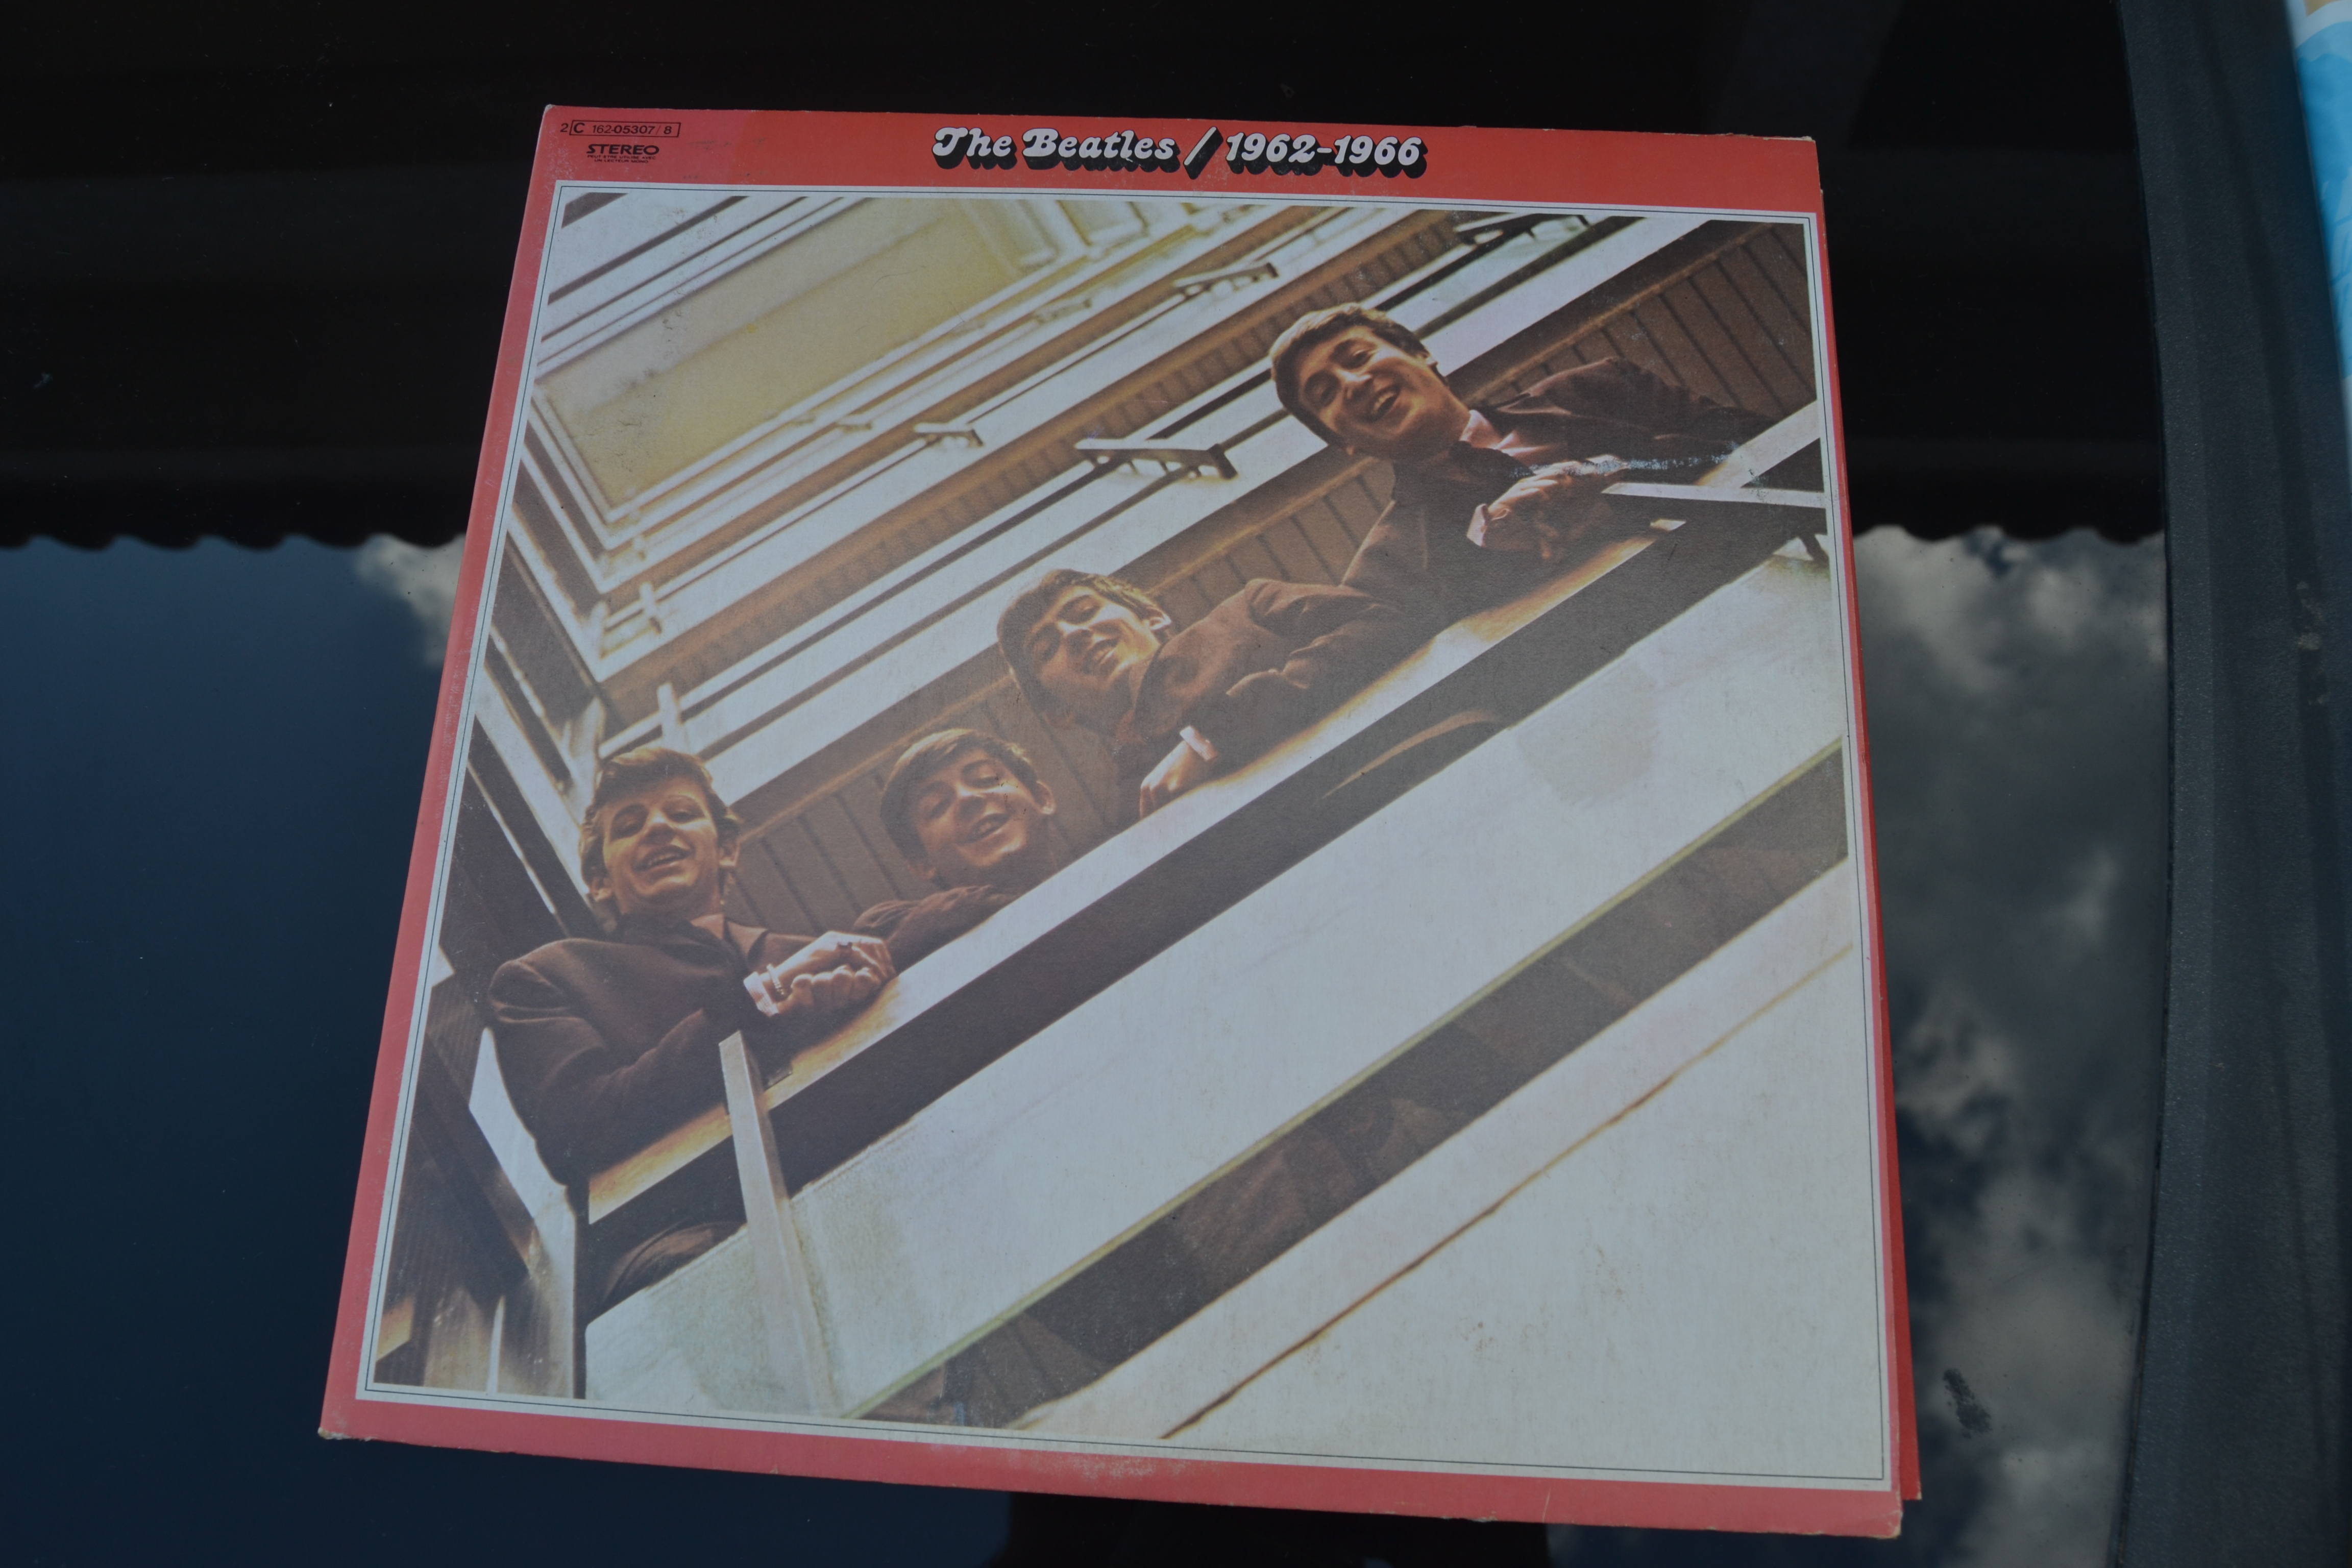 acheter disque vinyle 1967 1970 the beatles vendre. Black Bedroom Furniture Sets. Home Design Ideas